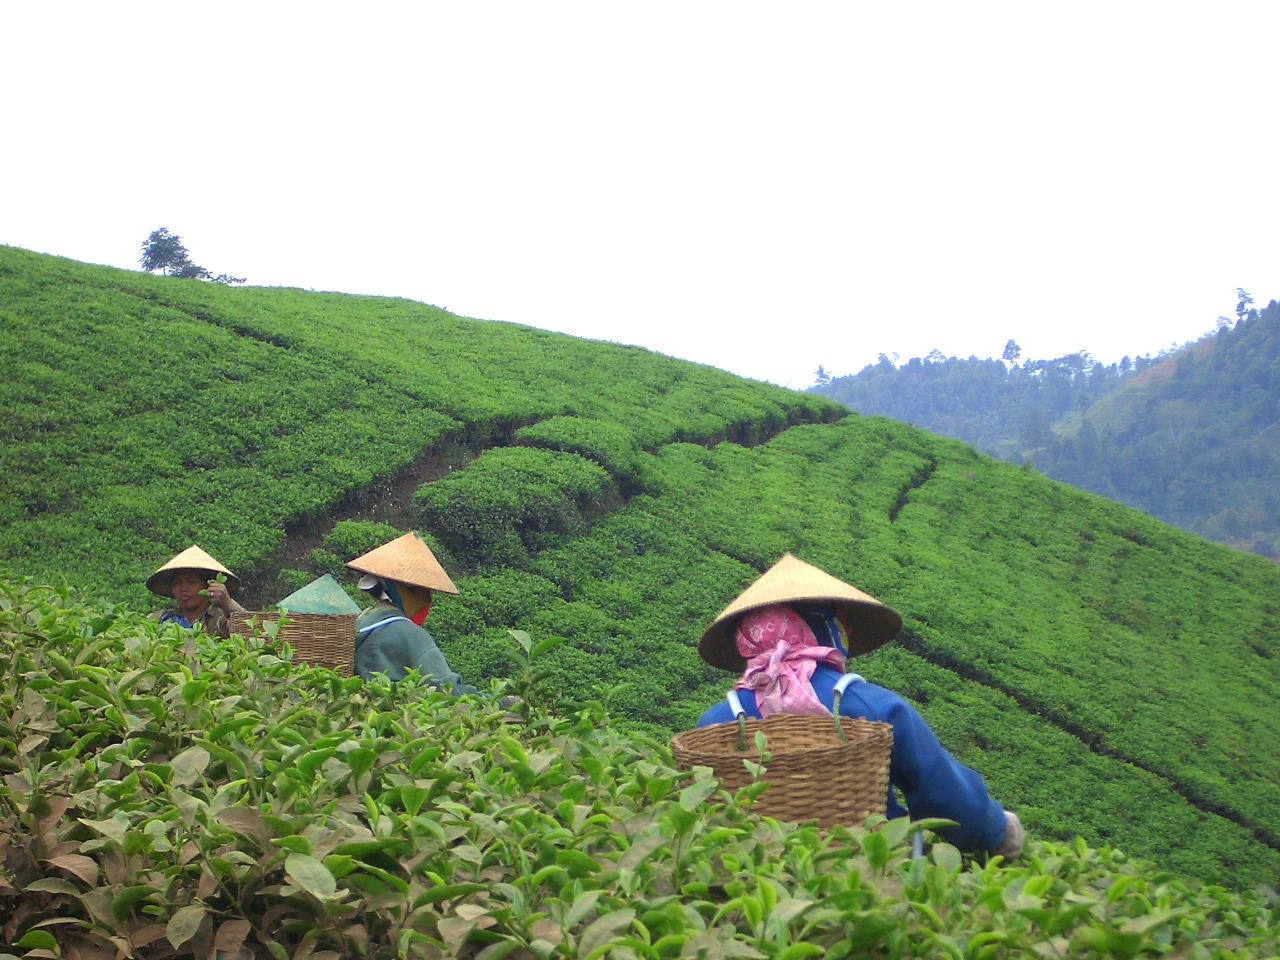 tea recolectors 1379965